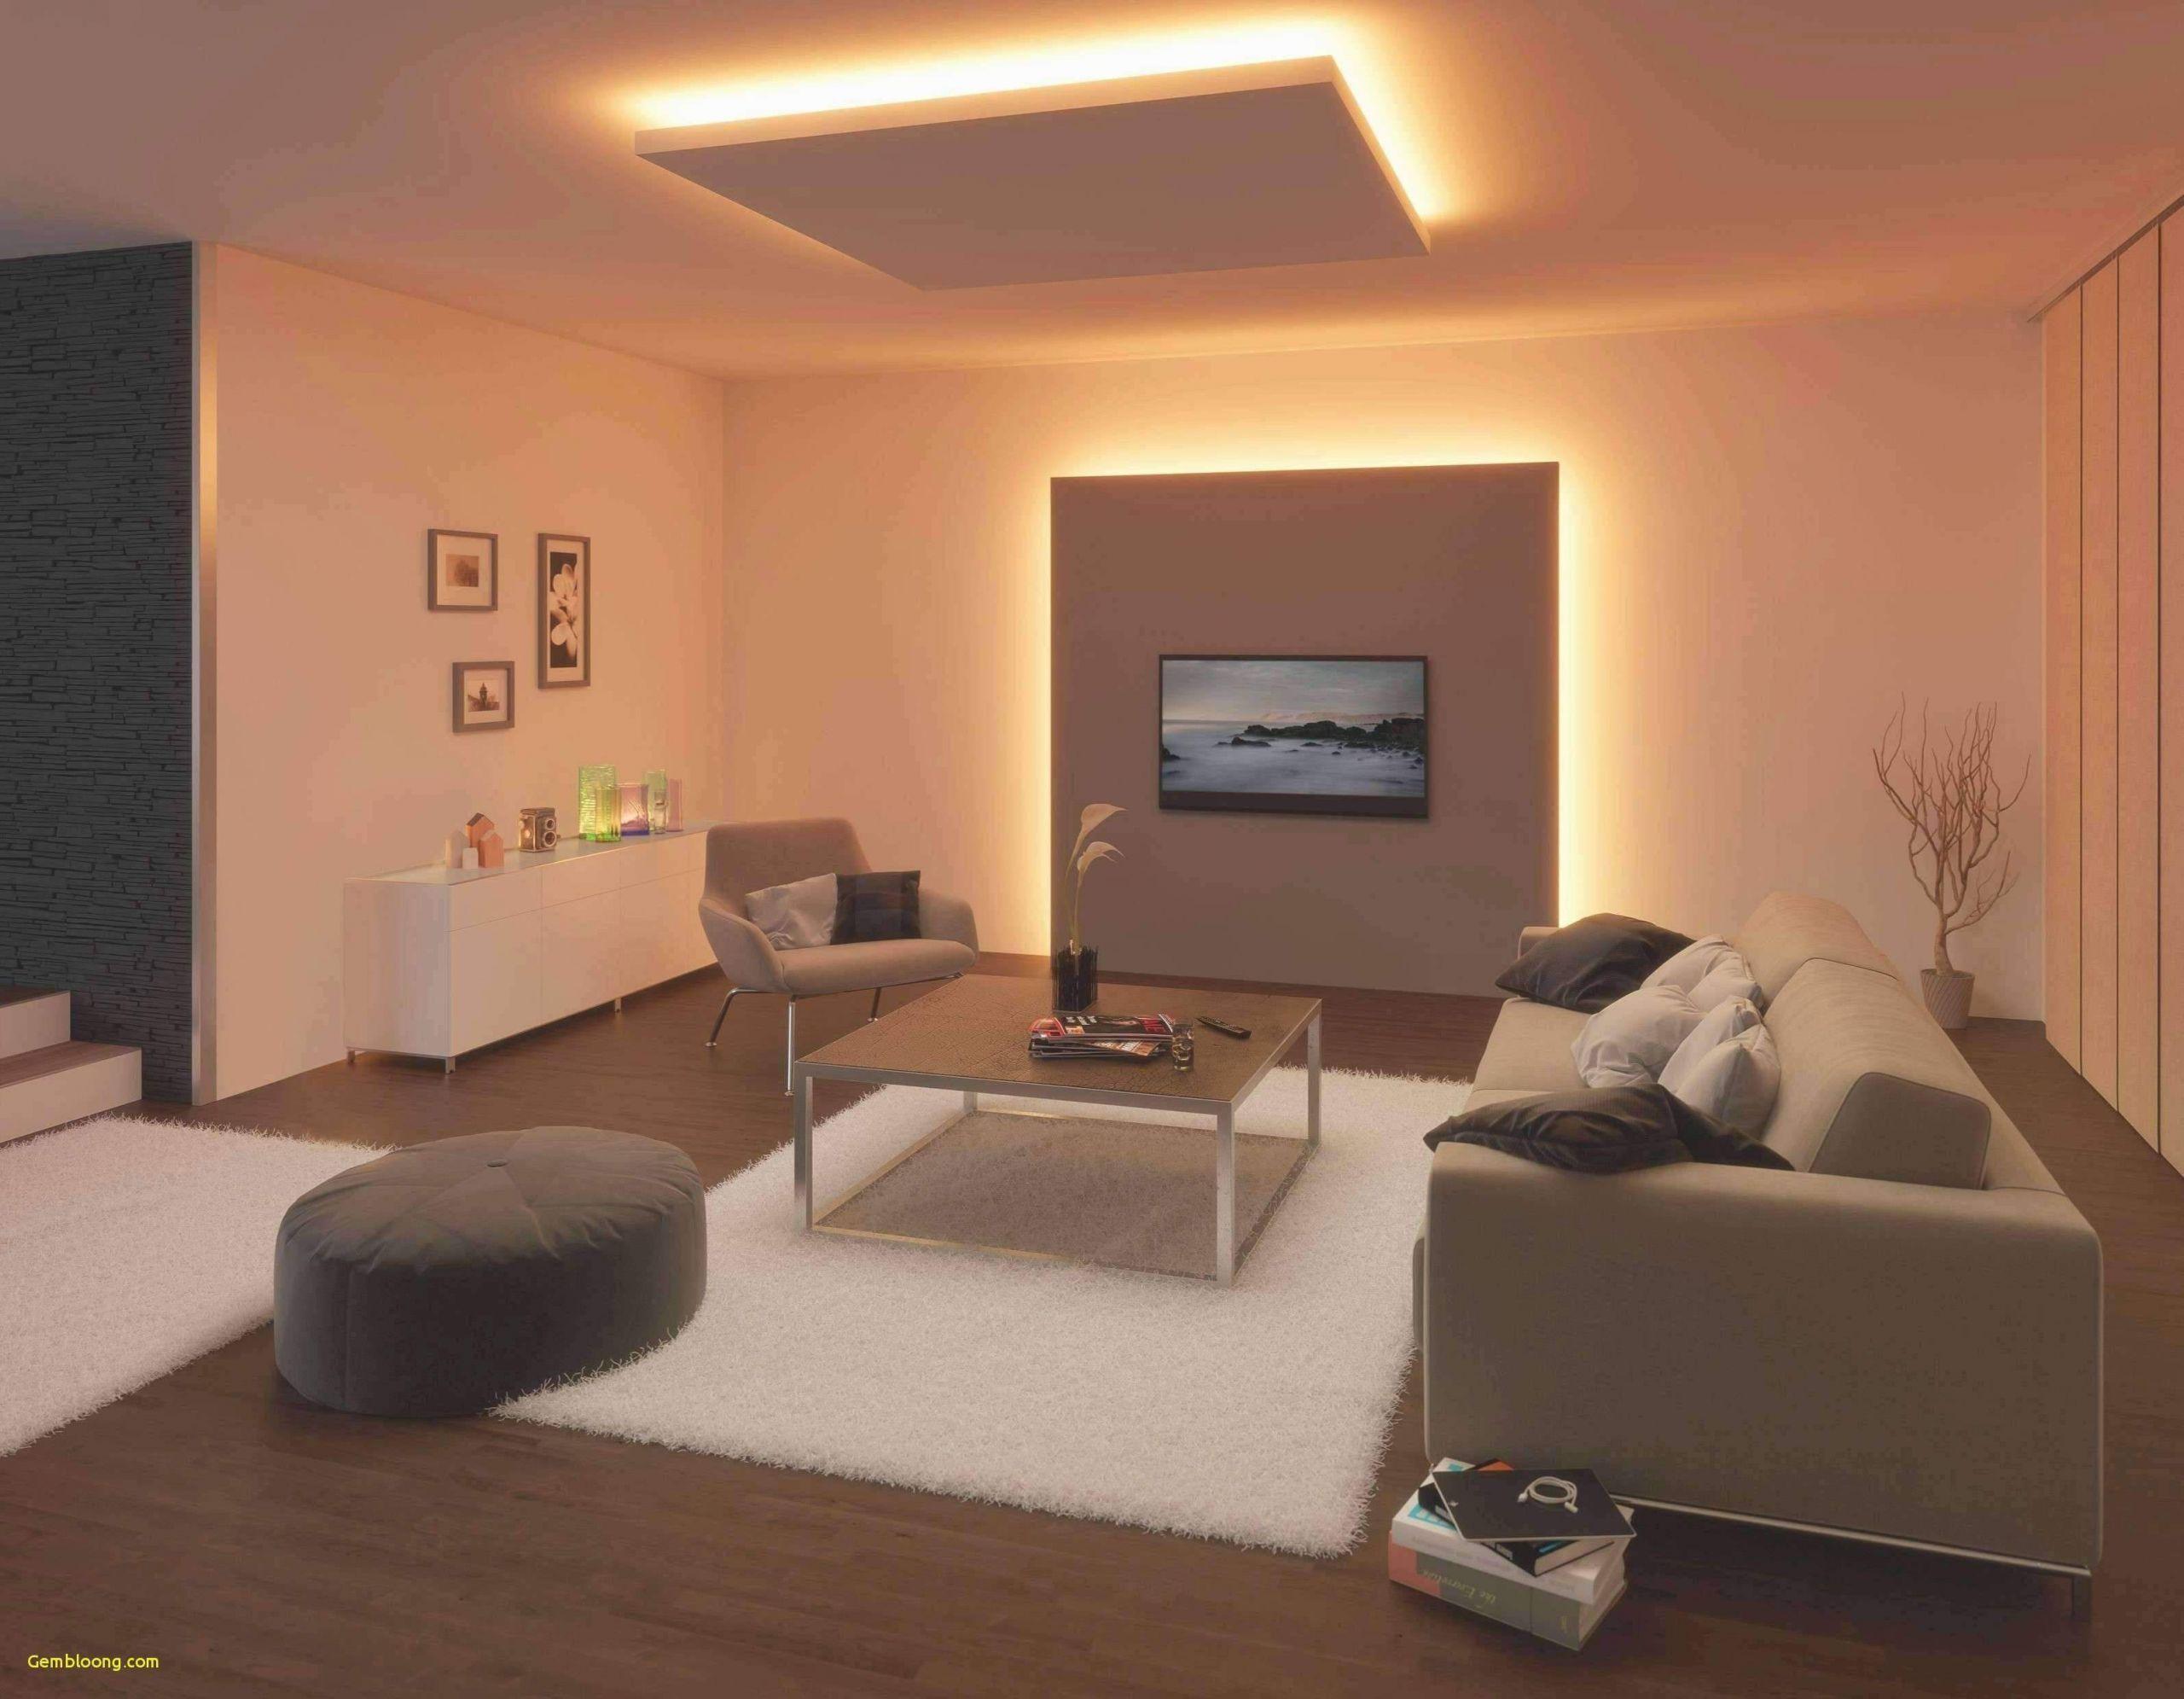 blumen deko wohnzimmer inspirierend wohnzimmer deko zum selber machen inspirierend of blumen deko wohnzimmer